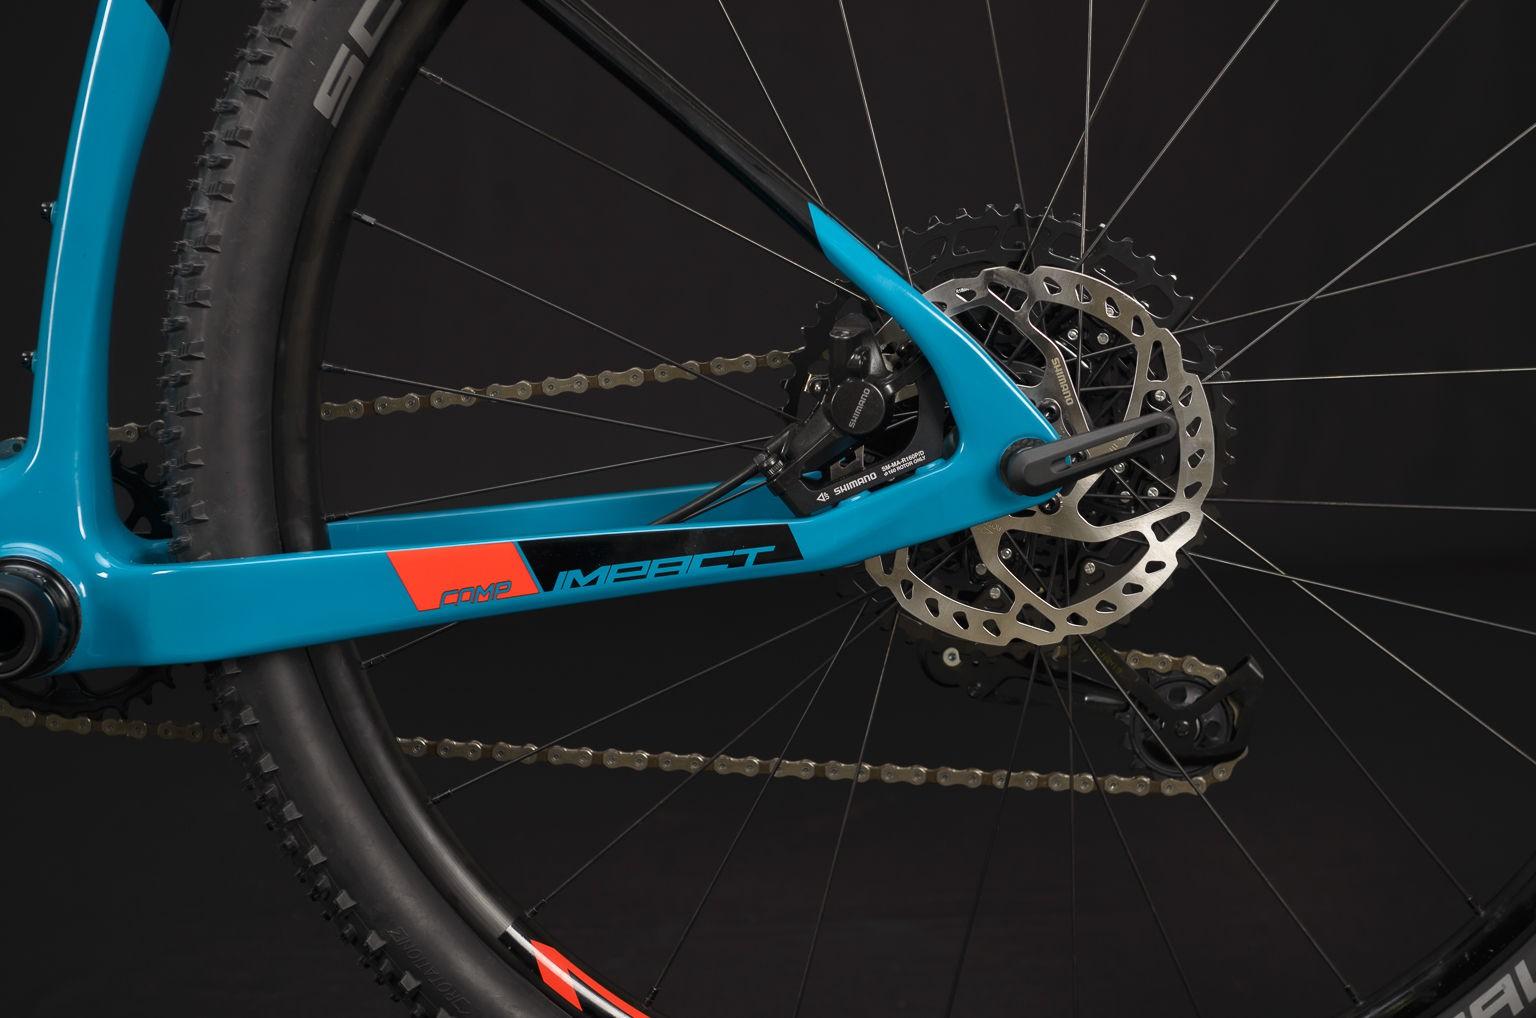 Bicicleta Sense Impact Comp 2020 M